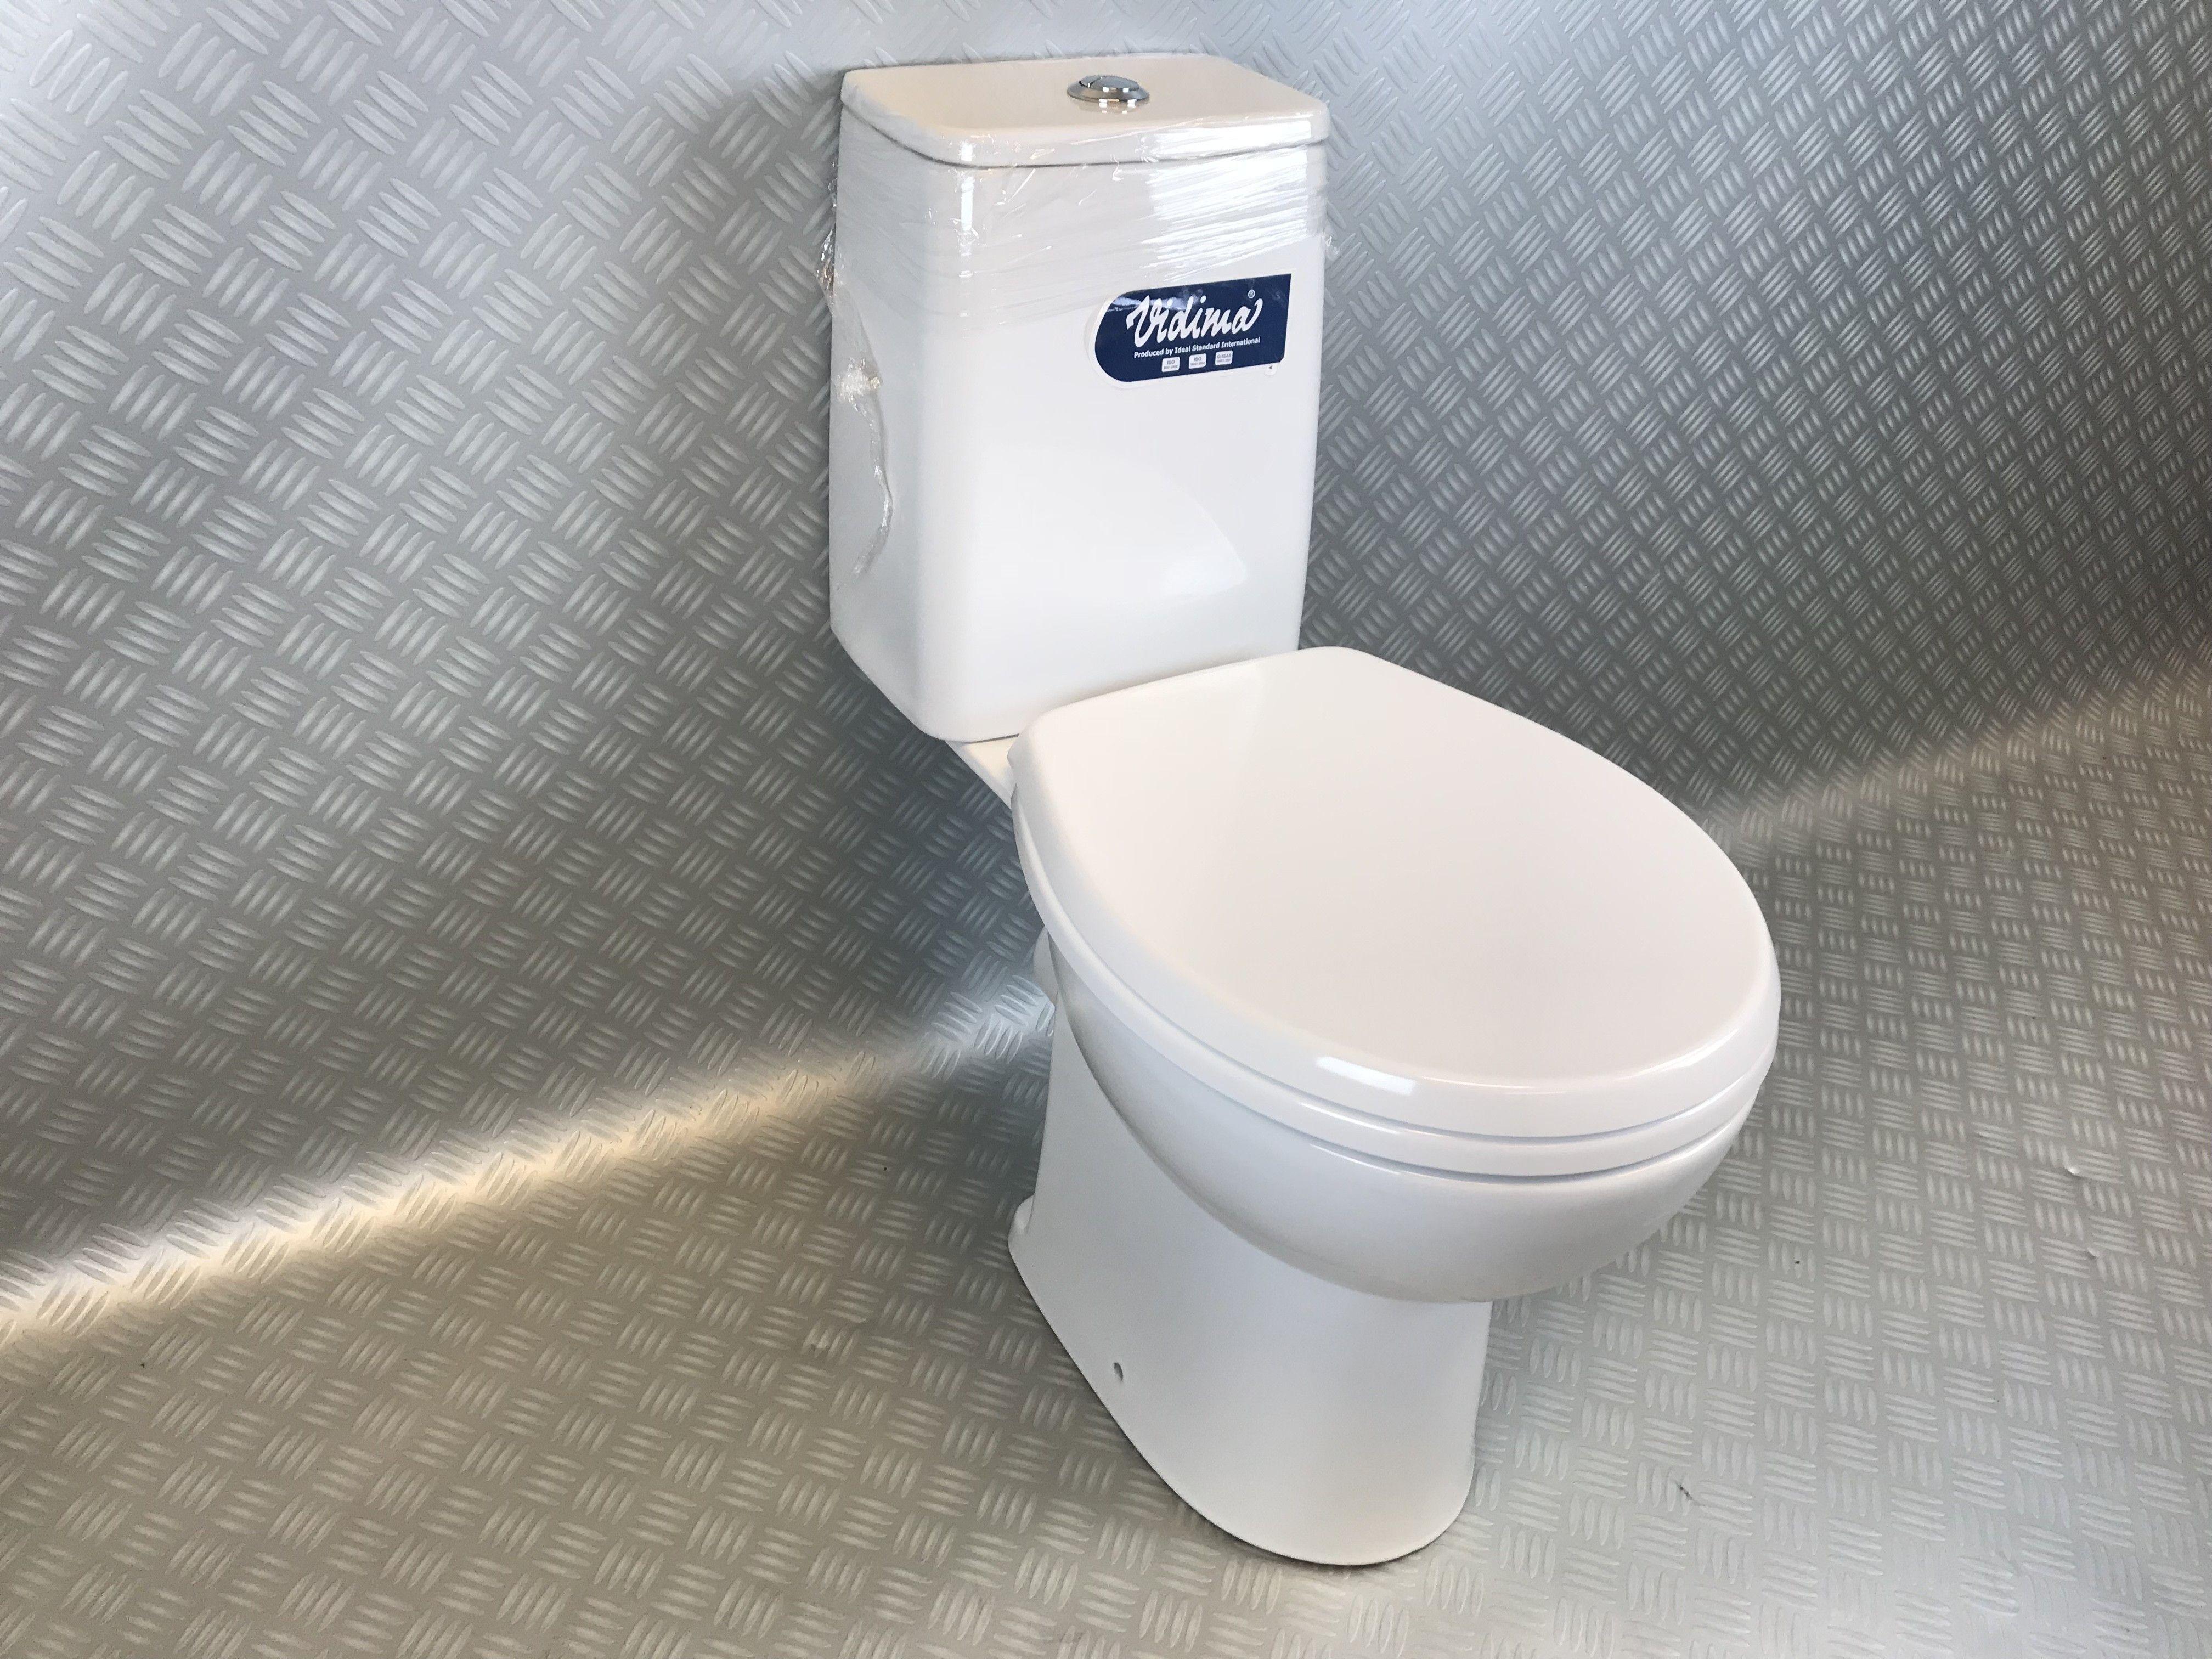 Toilet Duoblok Aanbieding.Duoblok Vidima Met Achteruitlaat